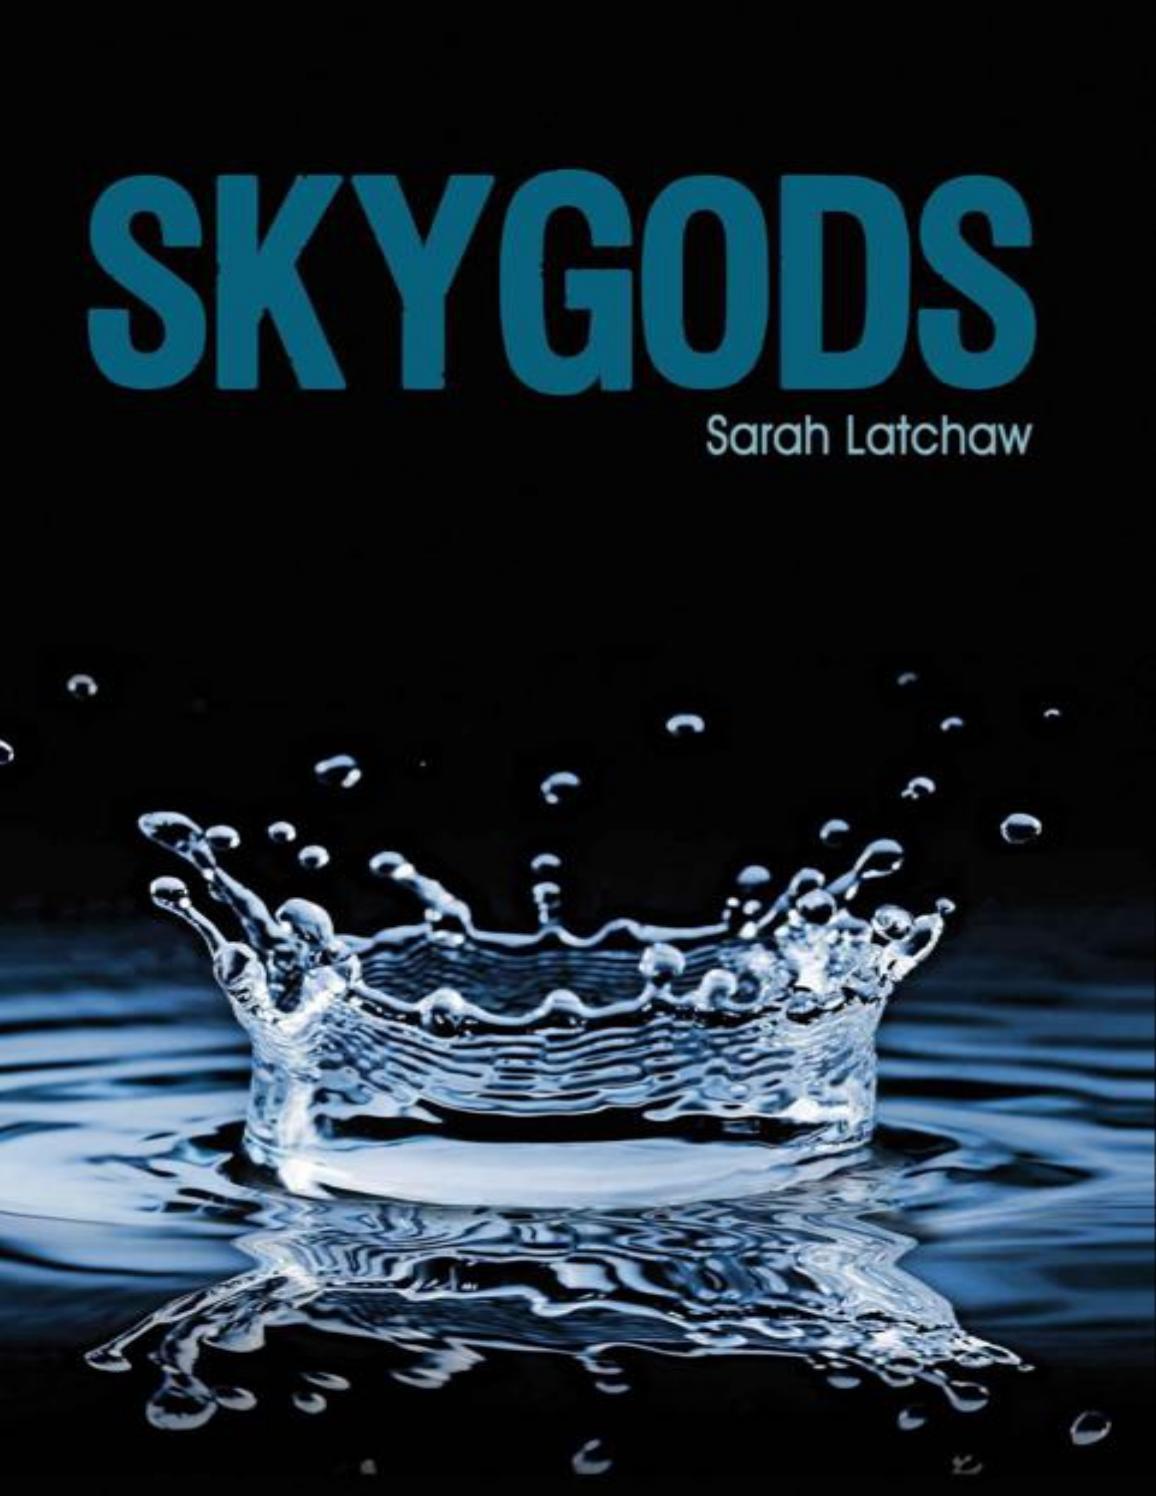 Skygods Hydraulic 2 Sarah Latchaw By Beograđanka Issuu